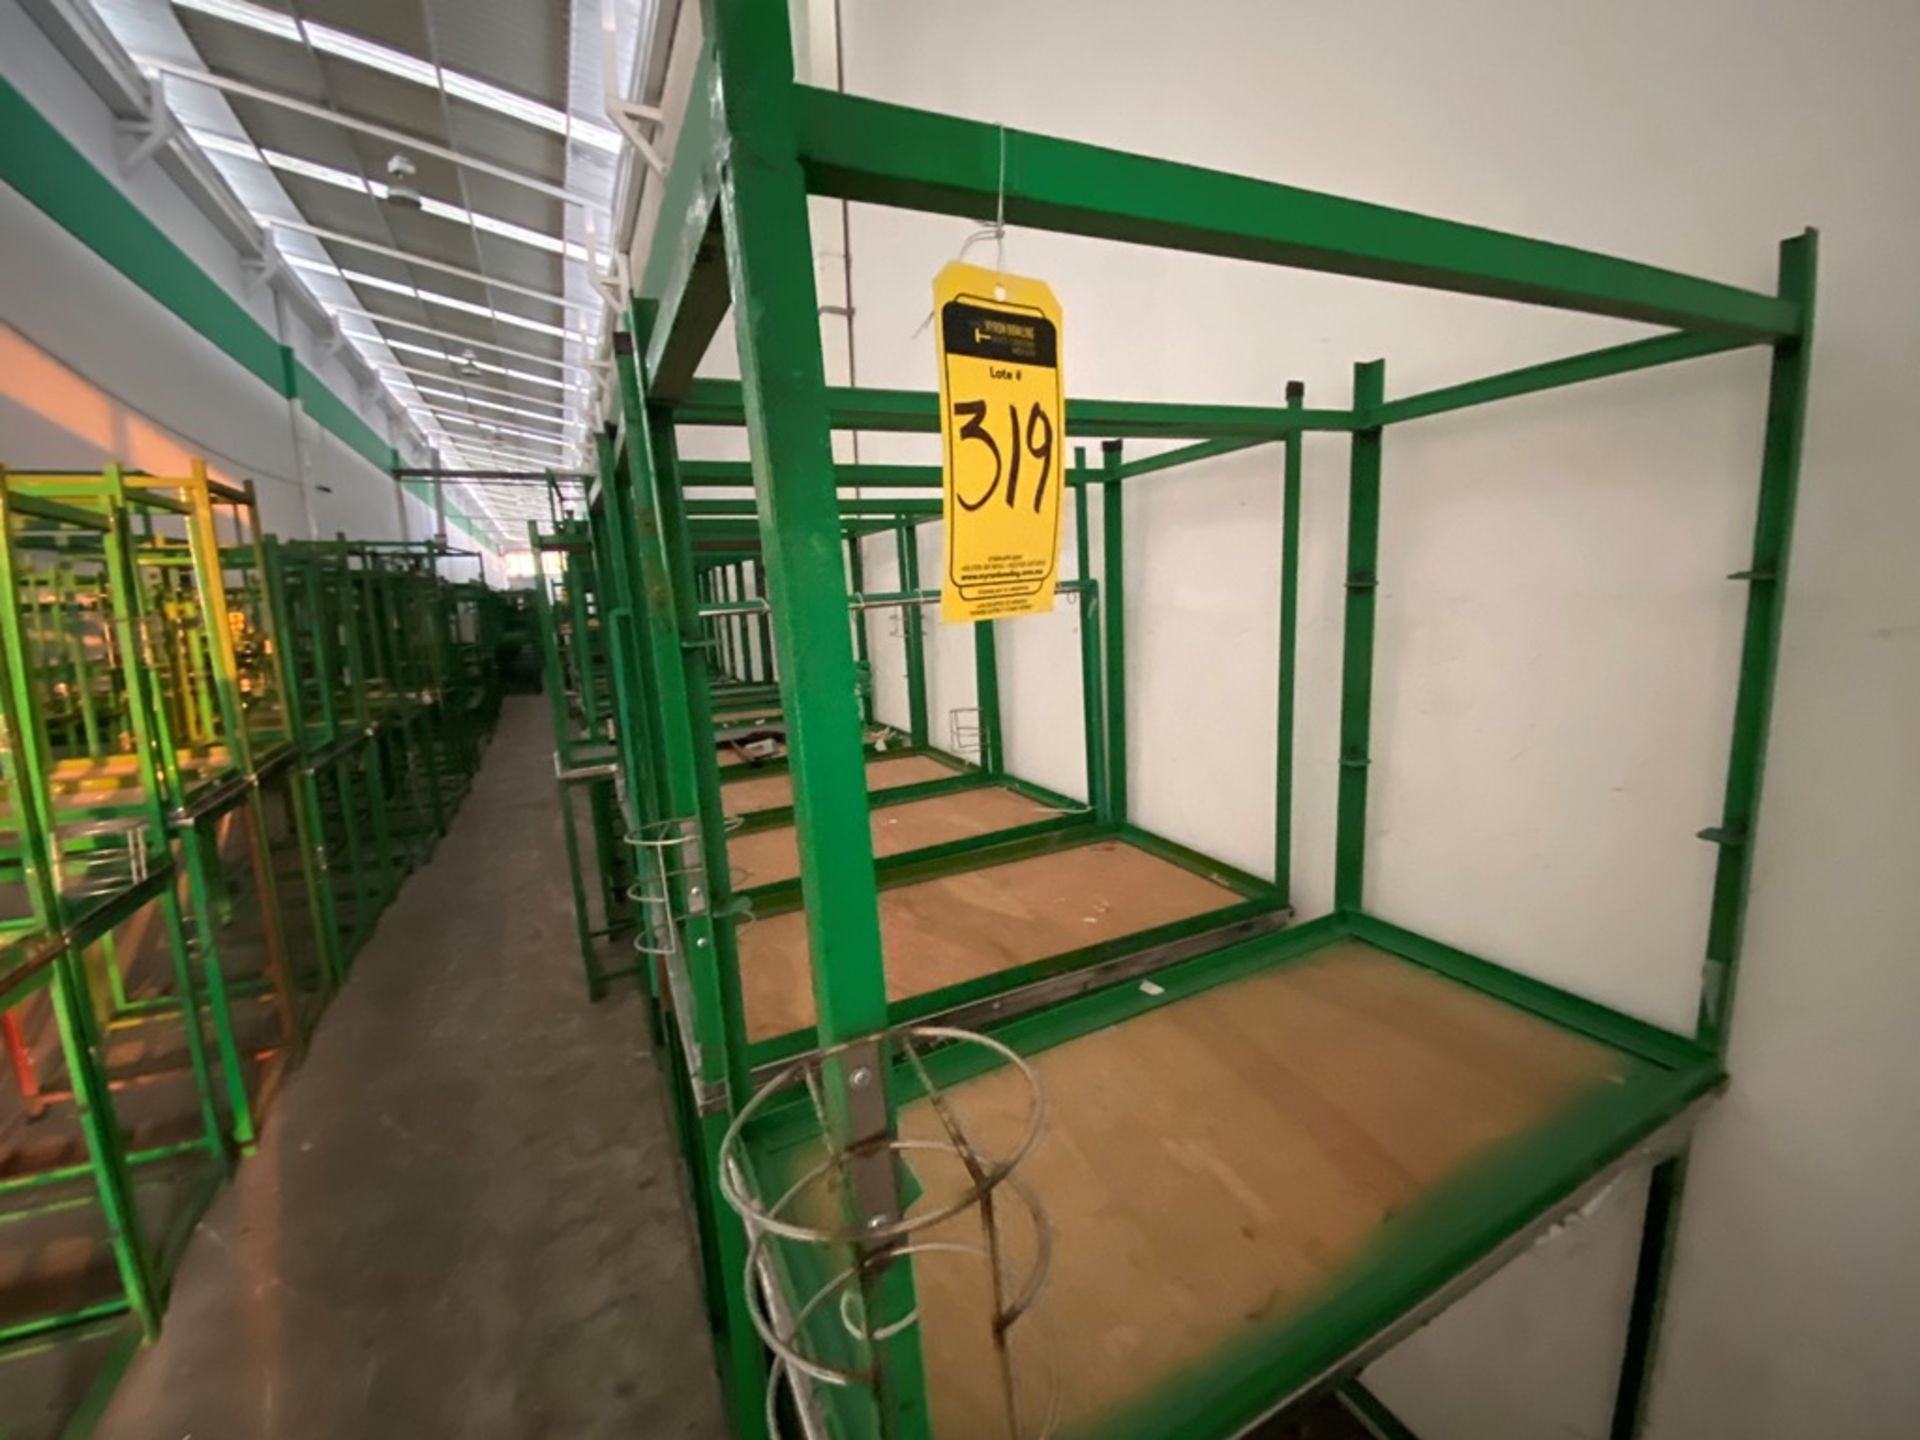 Aproximadamente 80 estantes metálicos en PTR y ángulo de diferentes medidas - Image 7 of 8